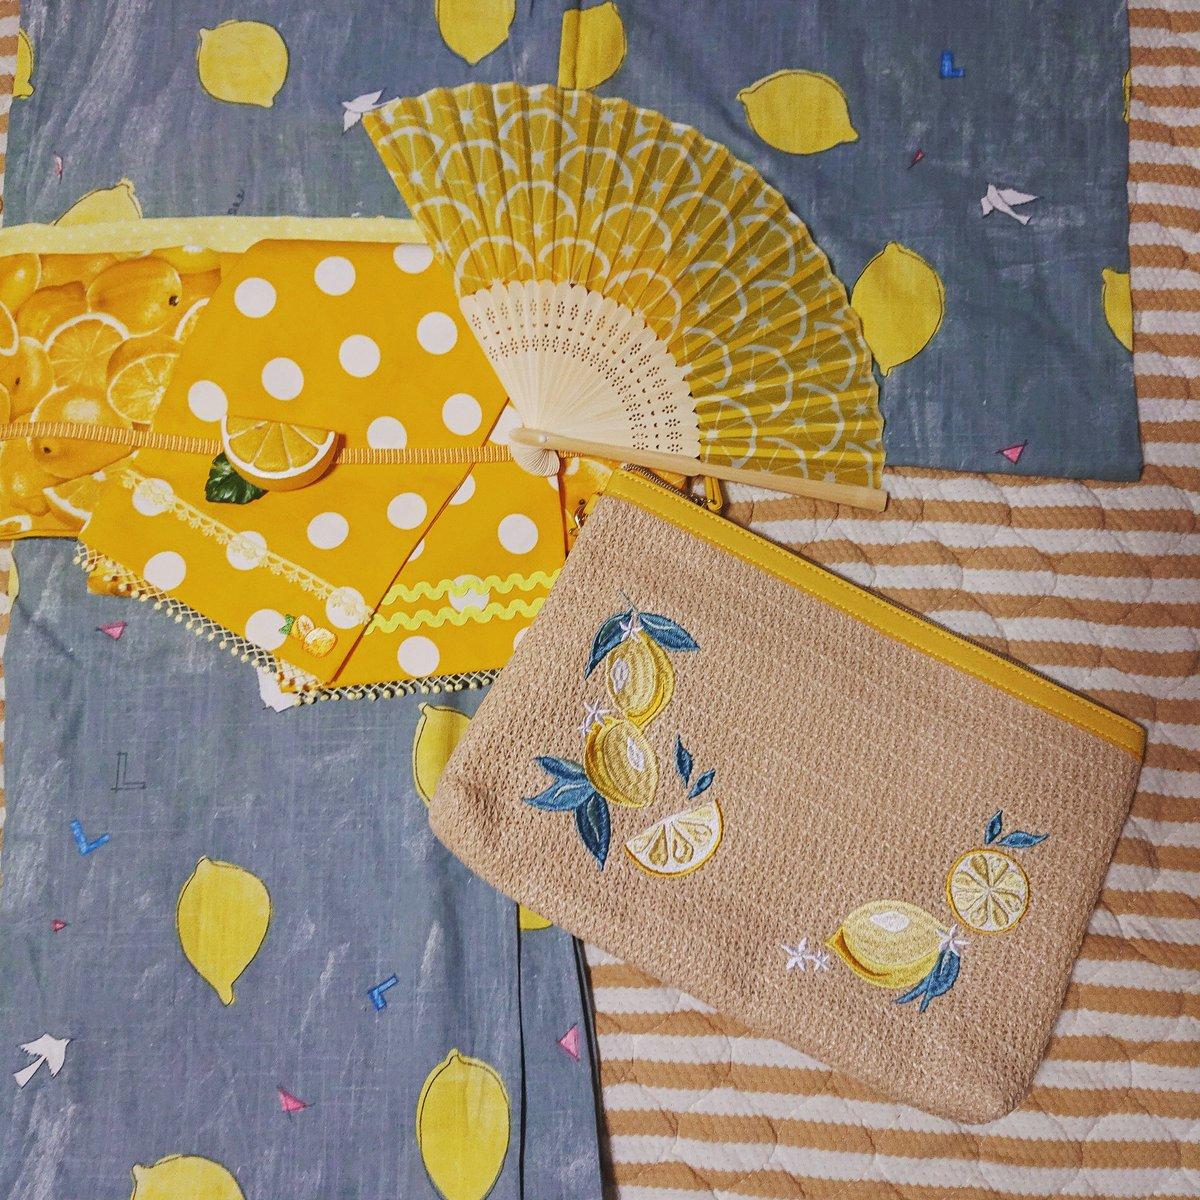 test ツイッターメディア - レモンコーデ??  #gu とか #キャンドゥ とか #ダイソー とかでコツコツ揃えた #レモンコーデ ? #プチプラ です? . #唐揚げが似合うオンナ になるの? . #浴衣 #yukata #レモン #lemon #Japan #日本の夏 #summer #夏はすぐそこ ???? https://t.co/6lpSk4elY3